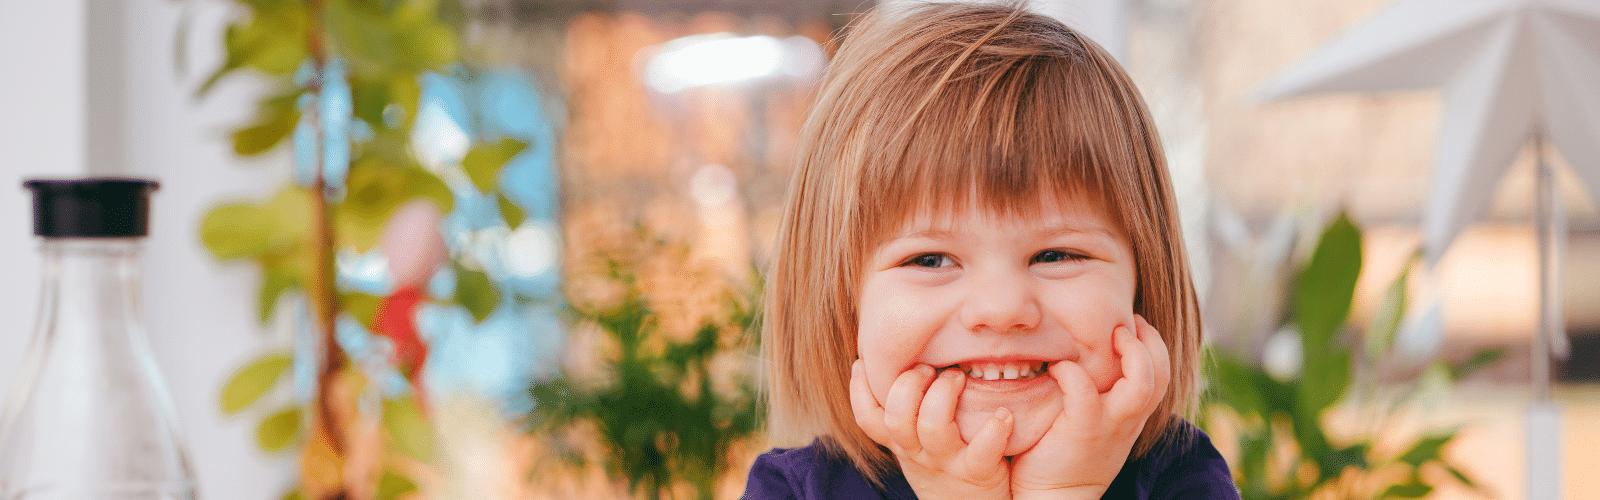 Activité enfant de 5 ans : un atelier papier mâché, ça vous dit ?